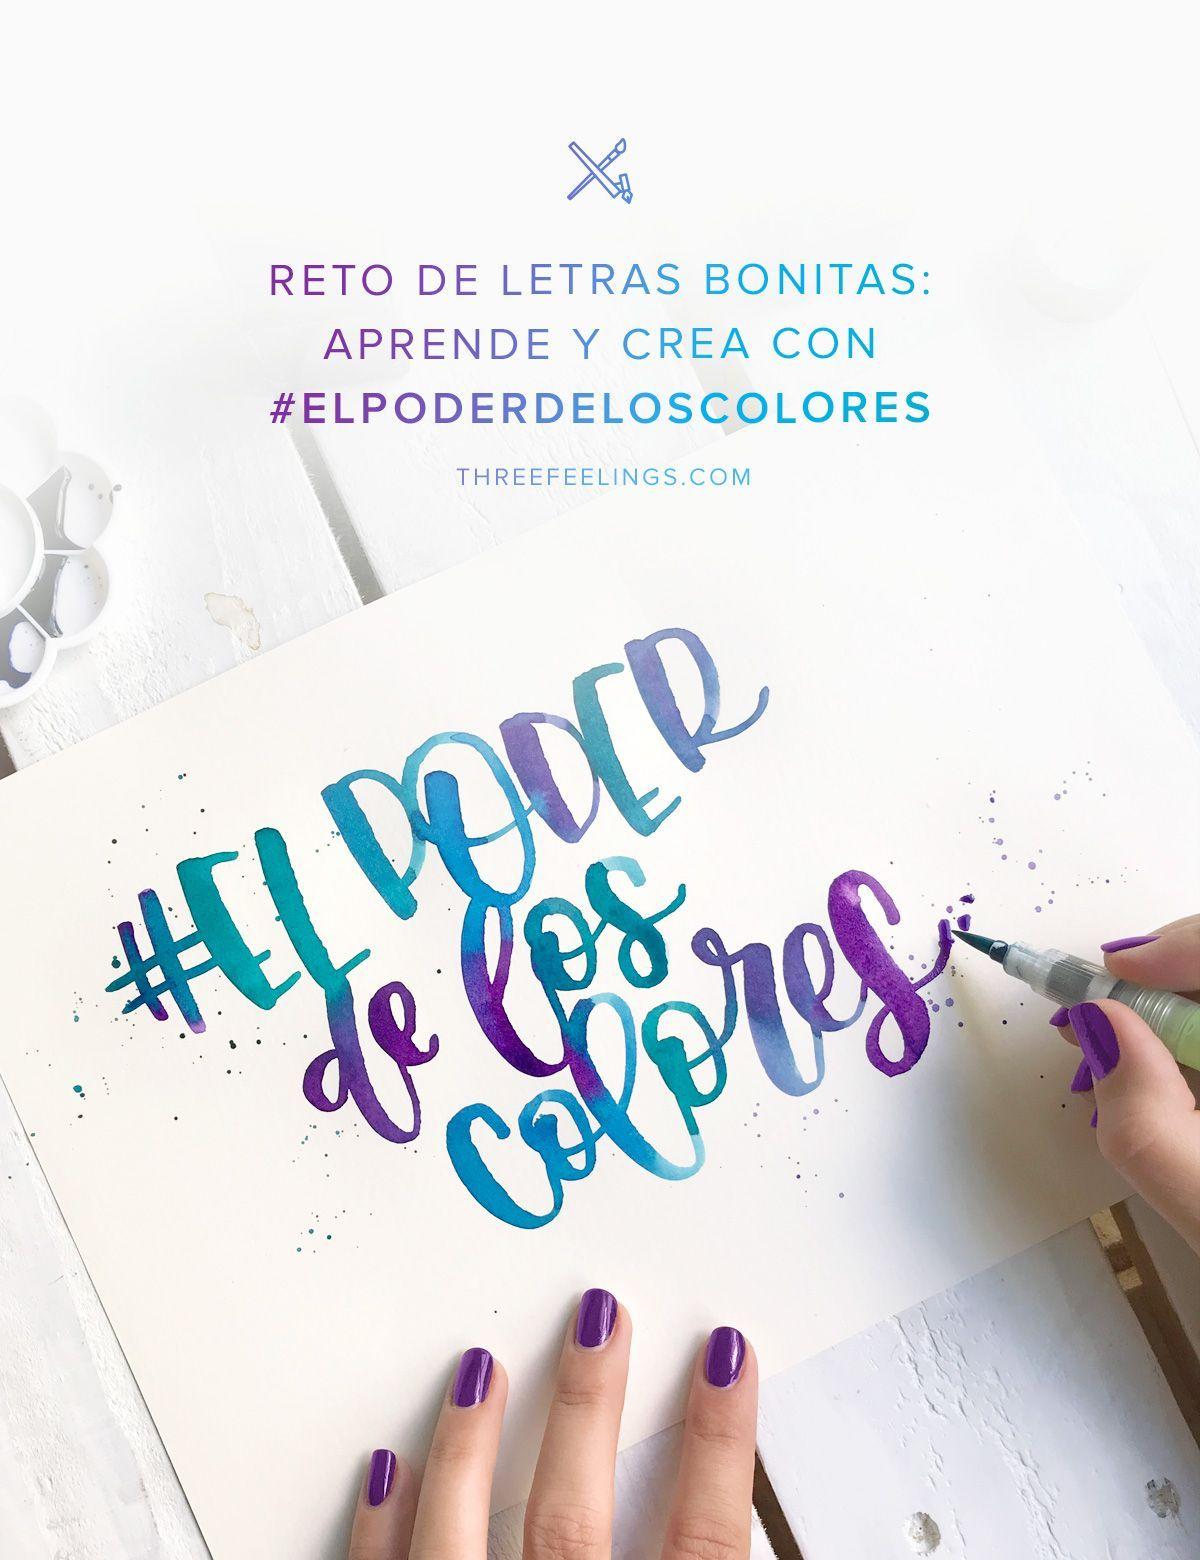 Reto En Instagram Elpoderdeloscolores Con Three Feelings